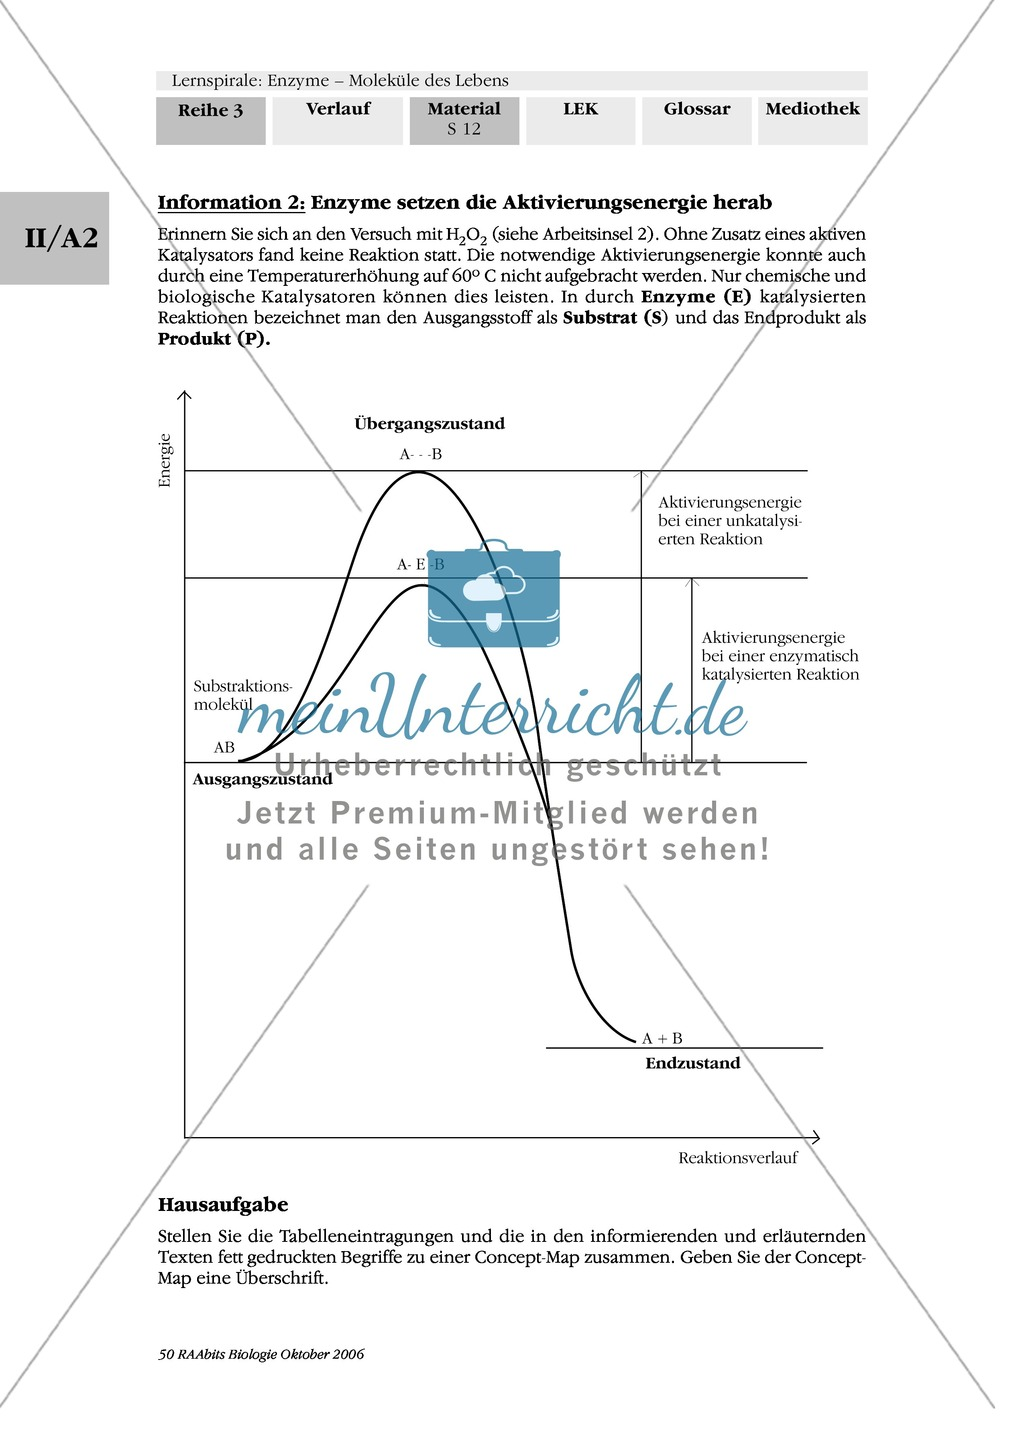 Enzyme: Arbeitsinseln zu den Themen Stoffwechsel, Enzymreaktionen, Hemmstoffe, Cofaktoren, Regulation Preview 5